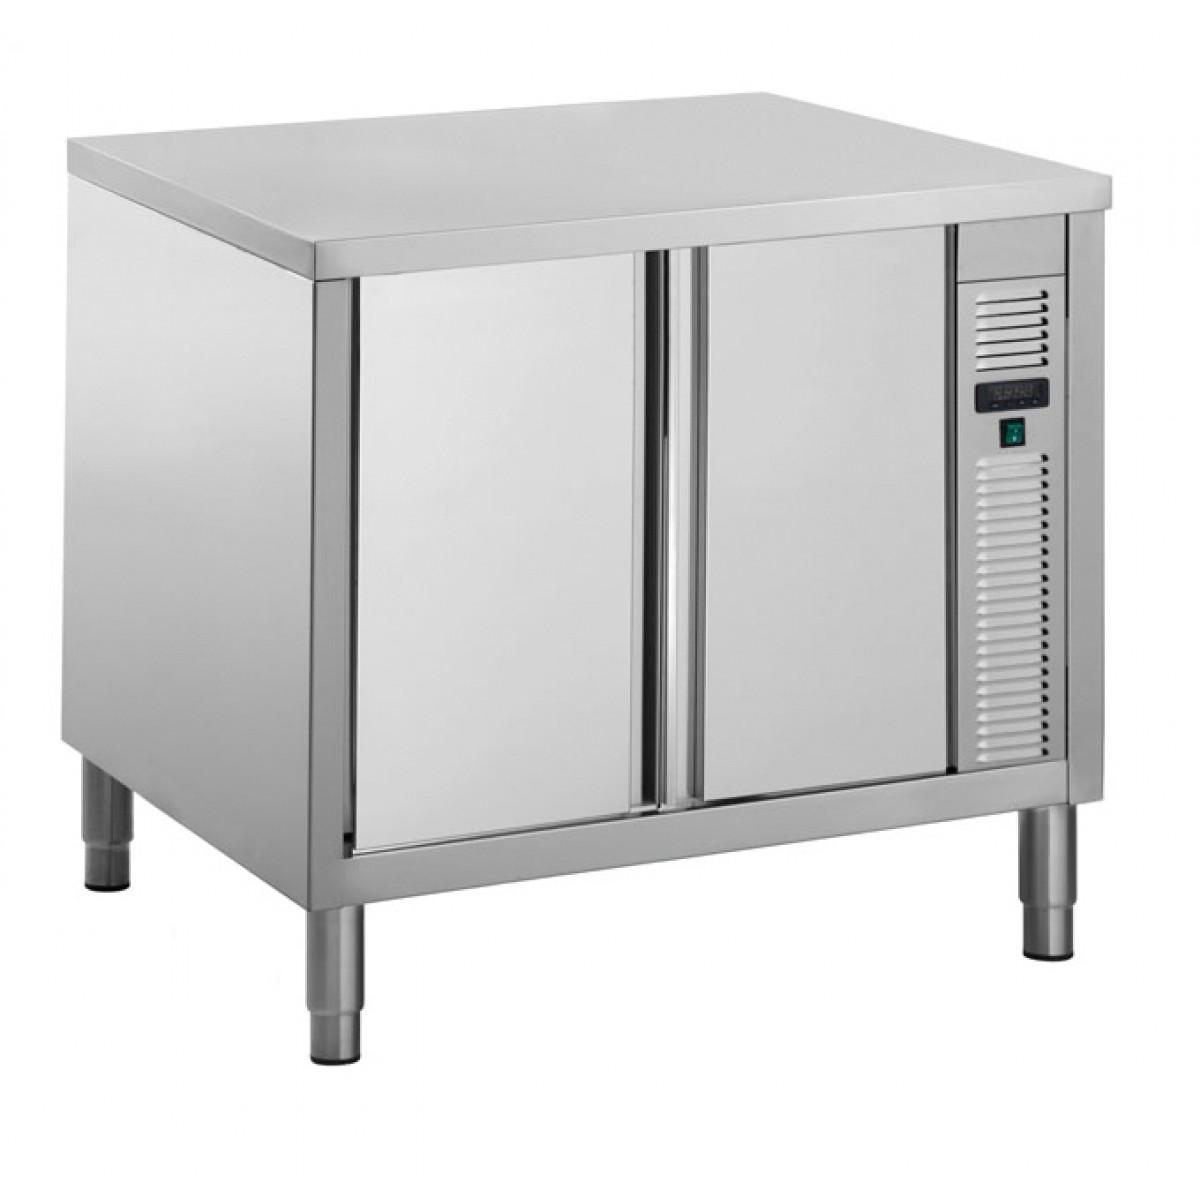 Varmeskabseriestandard600mmdyb-35